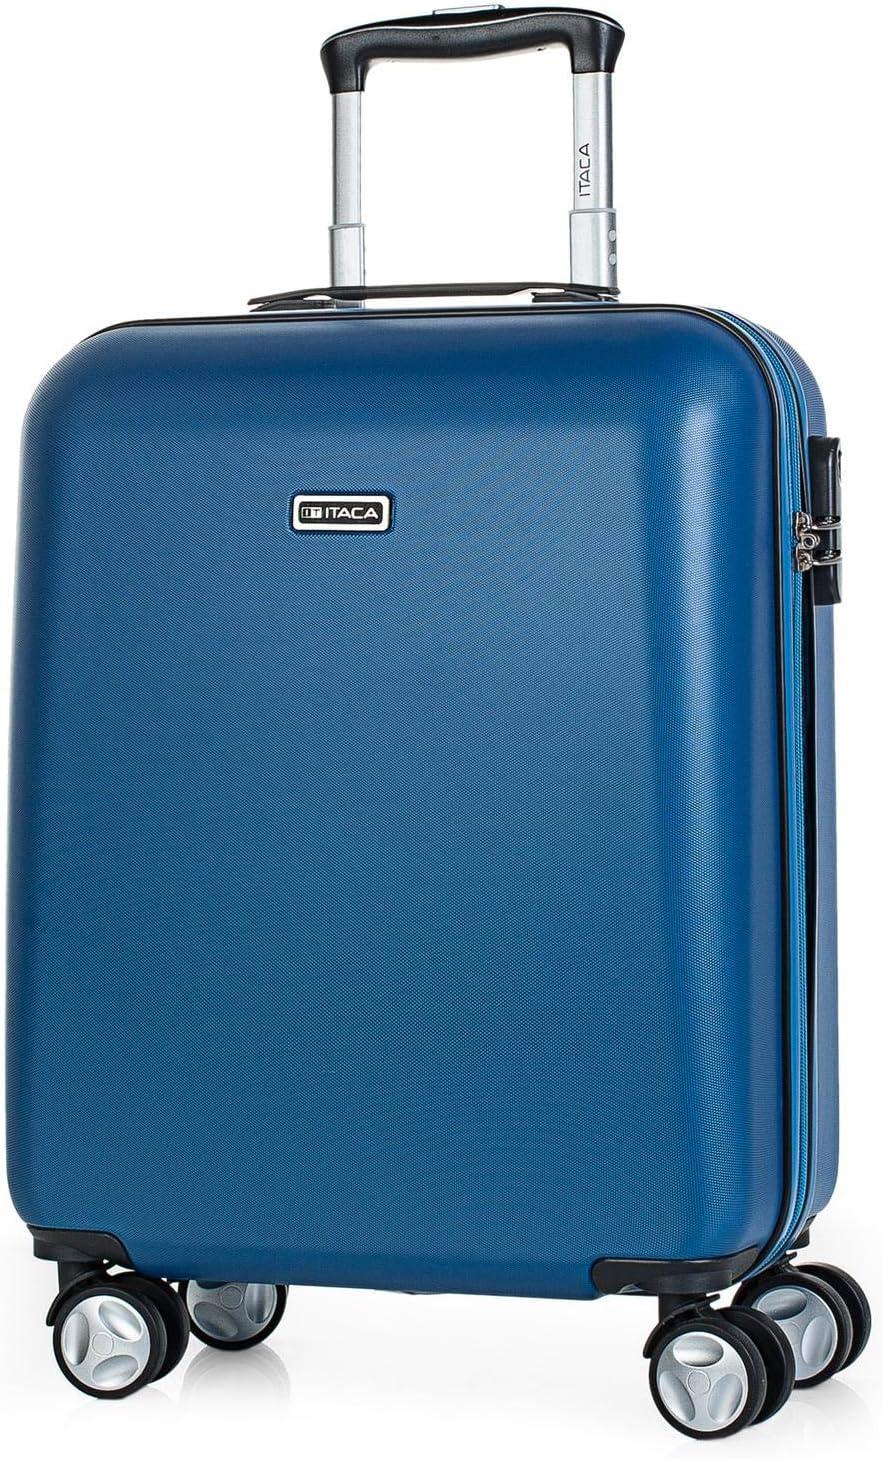 ITACA - Maleta de Viaje Cabina 55x40x20 cm 4 Ruedas Trolley ABS. Equipaje de Mano. Rígida Resistente y Ligera. Mango Asas Candado. Low Cost Ryanair. T58050, Color Azul Vaquero